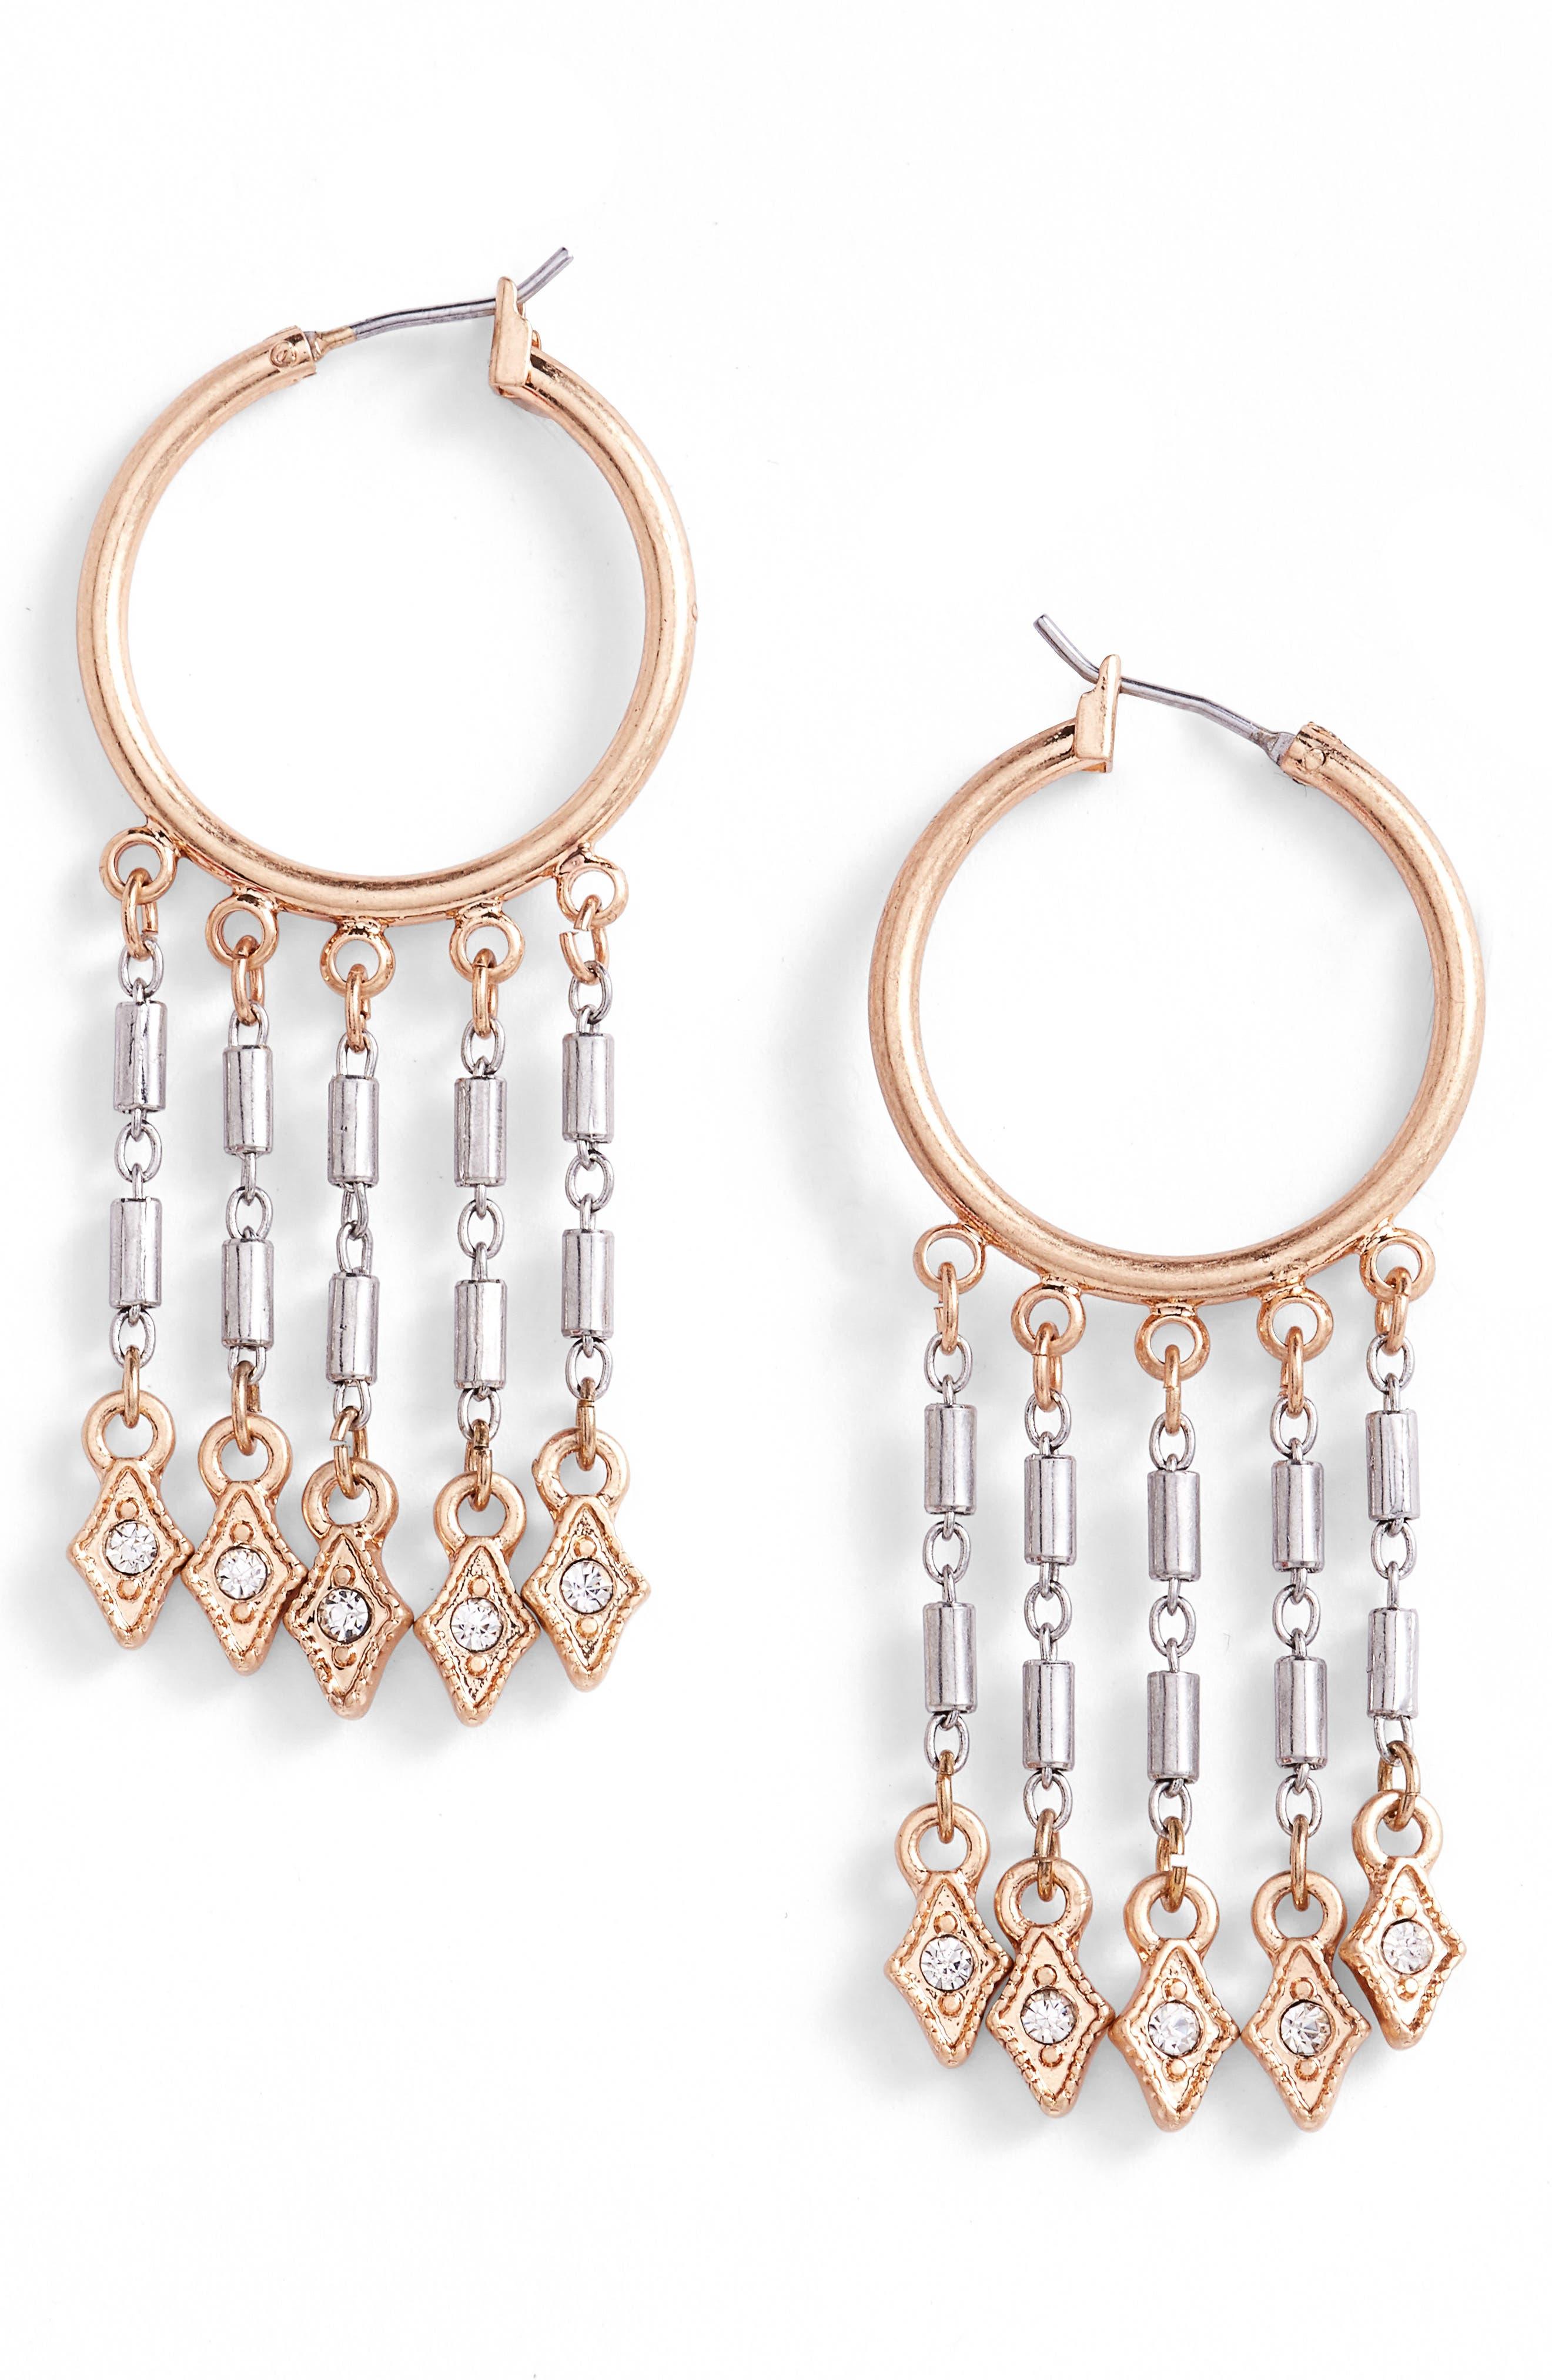 Alternate Image 1 Selected - Treasure & Bond Medium Fringe Hoop Earrings